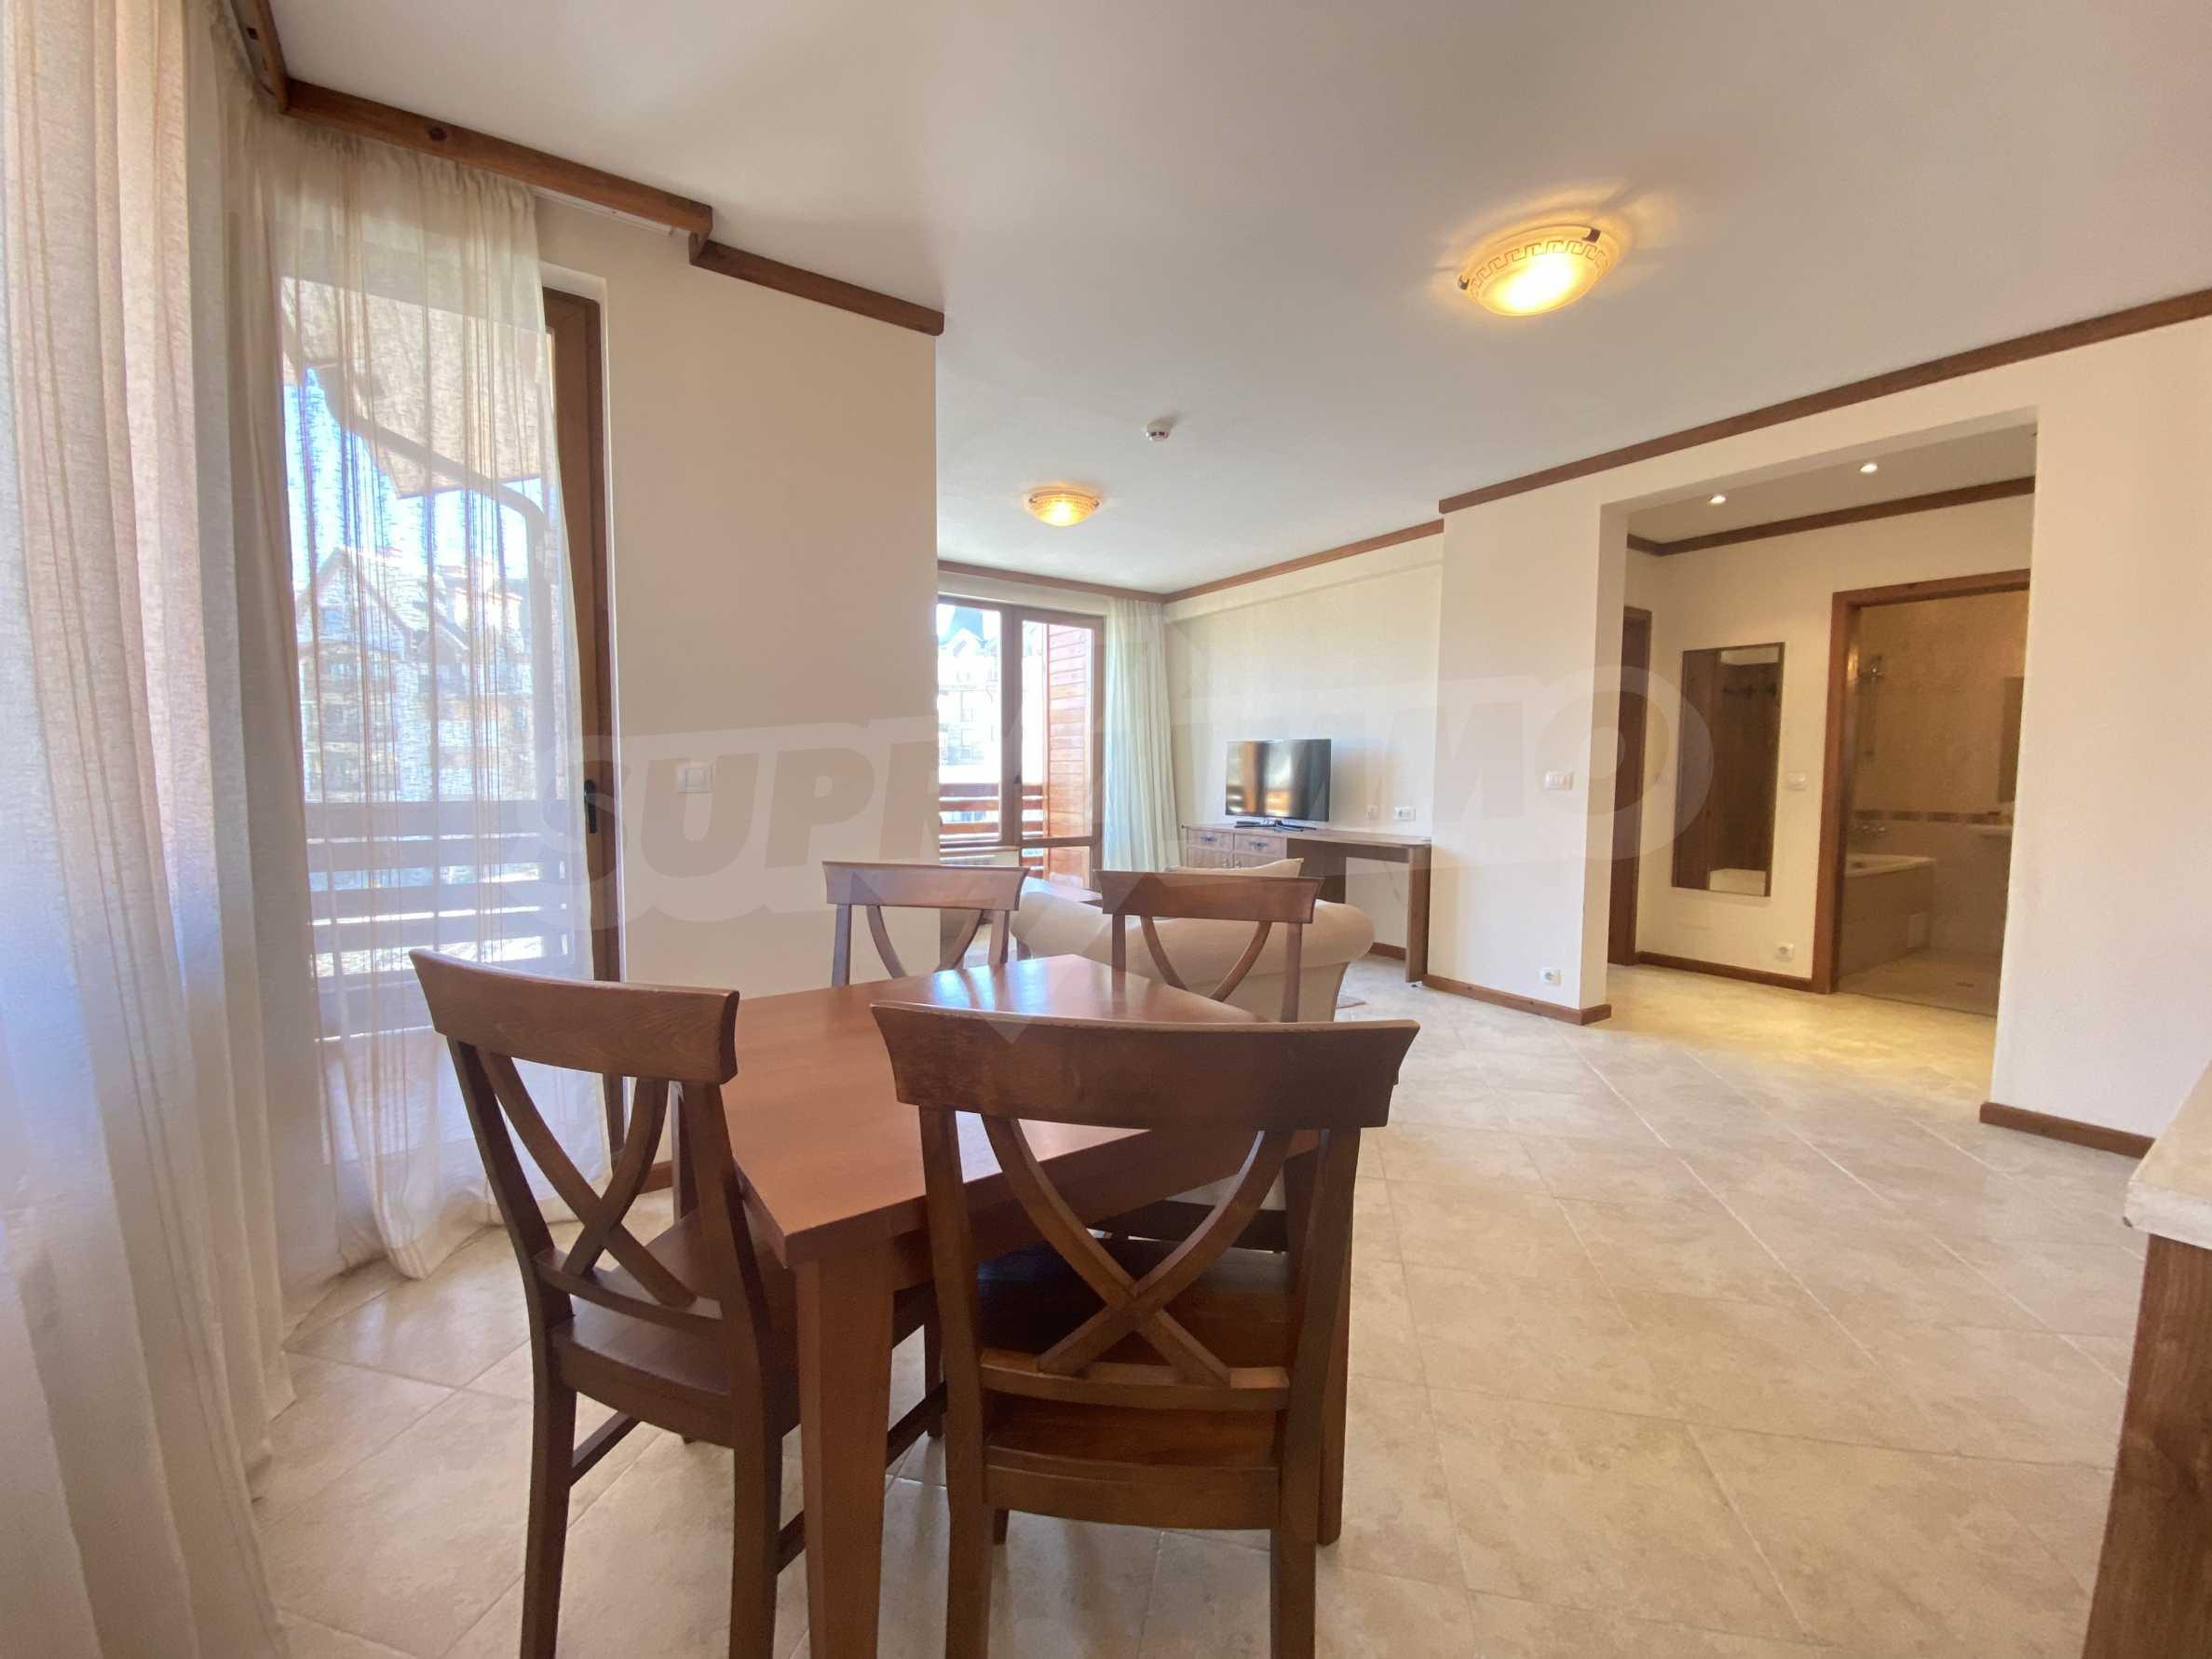 Обзаведен двустаен апартамент в луксозен СПА комплекс в Банско 3